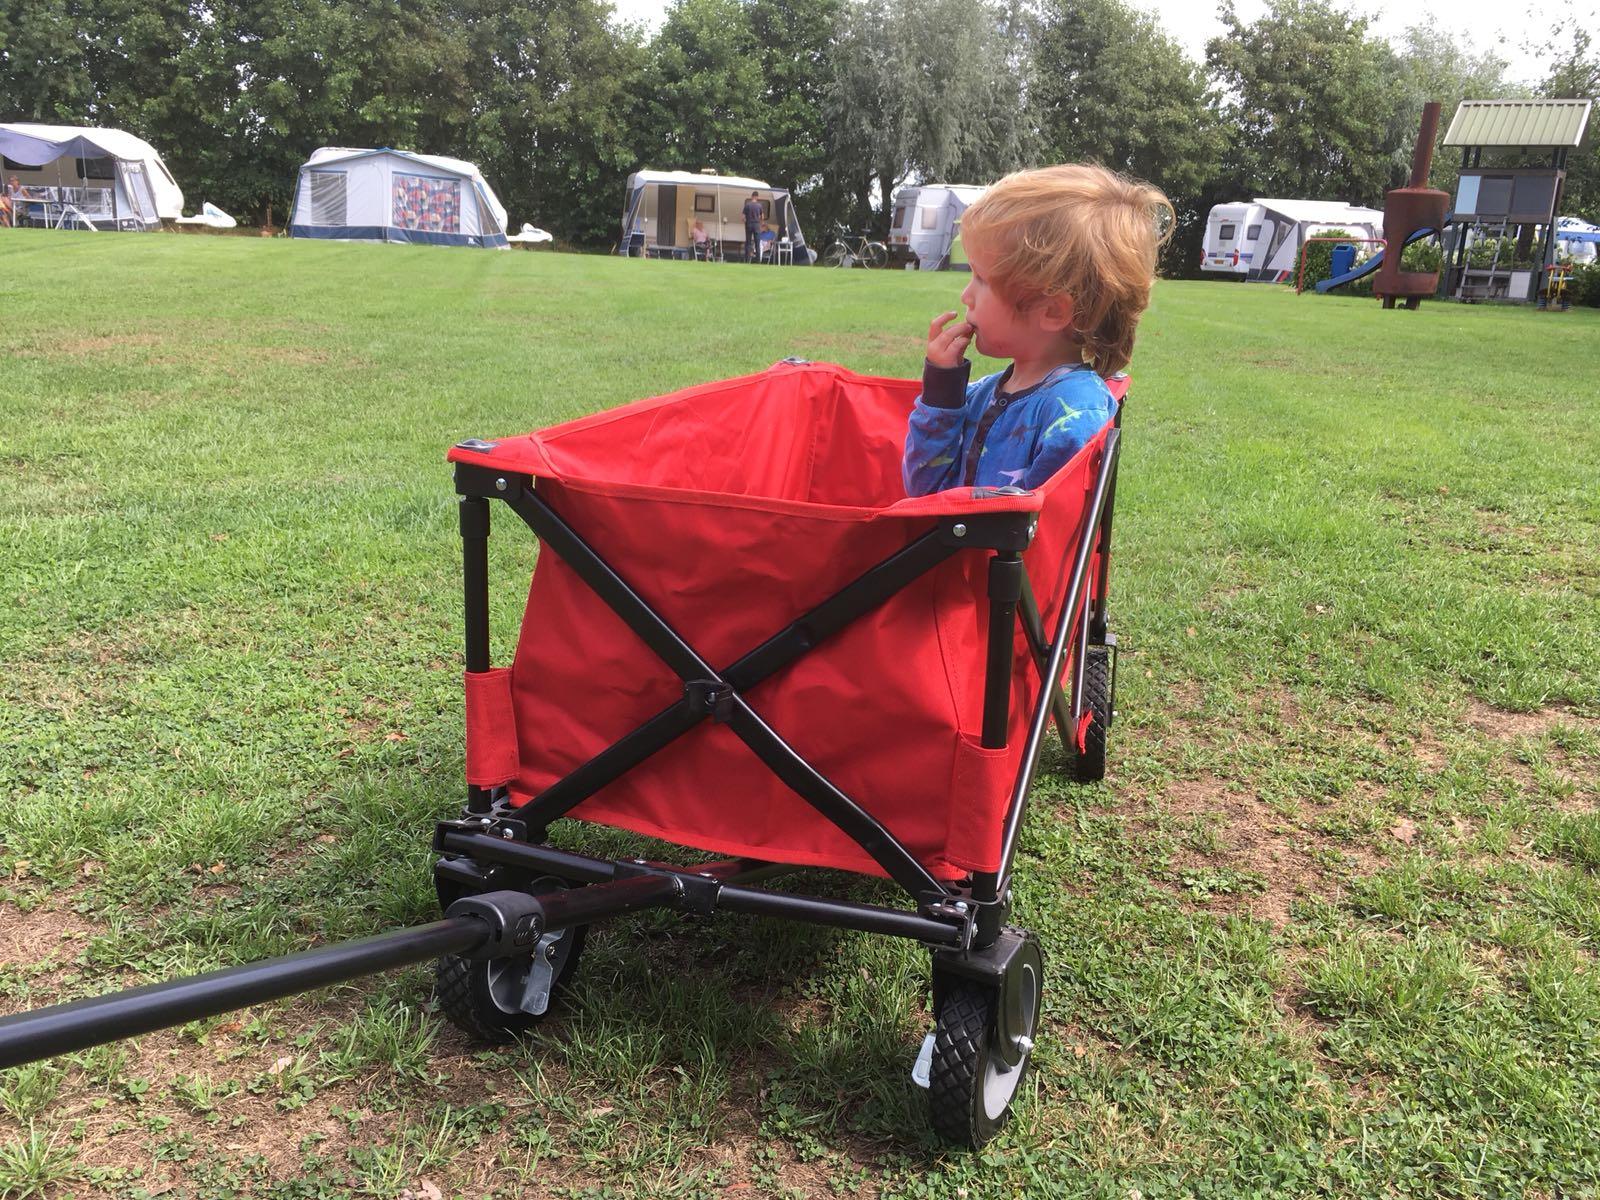 Na een klein dutje in de bolderkar neemt Faas even de tijd om de andere campingkinderen te bestuderen.